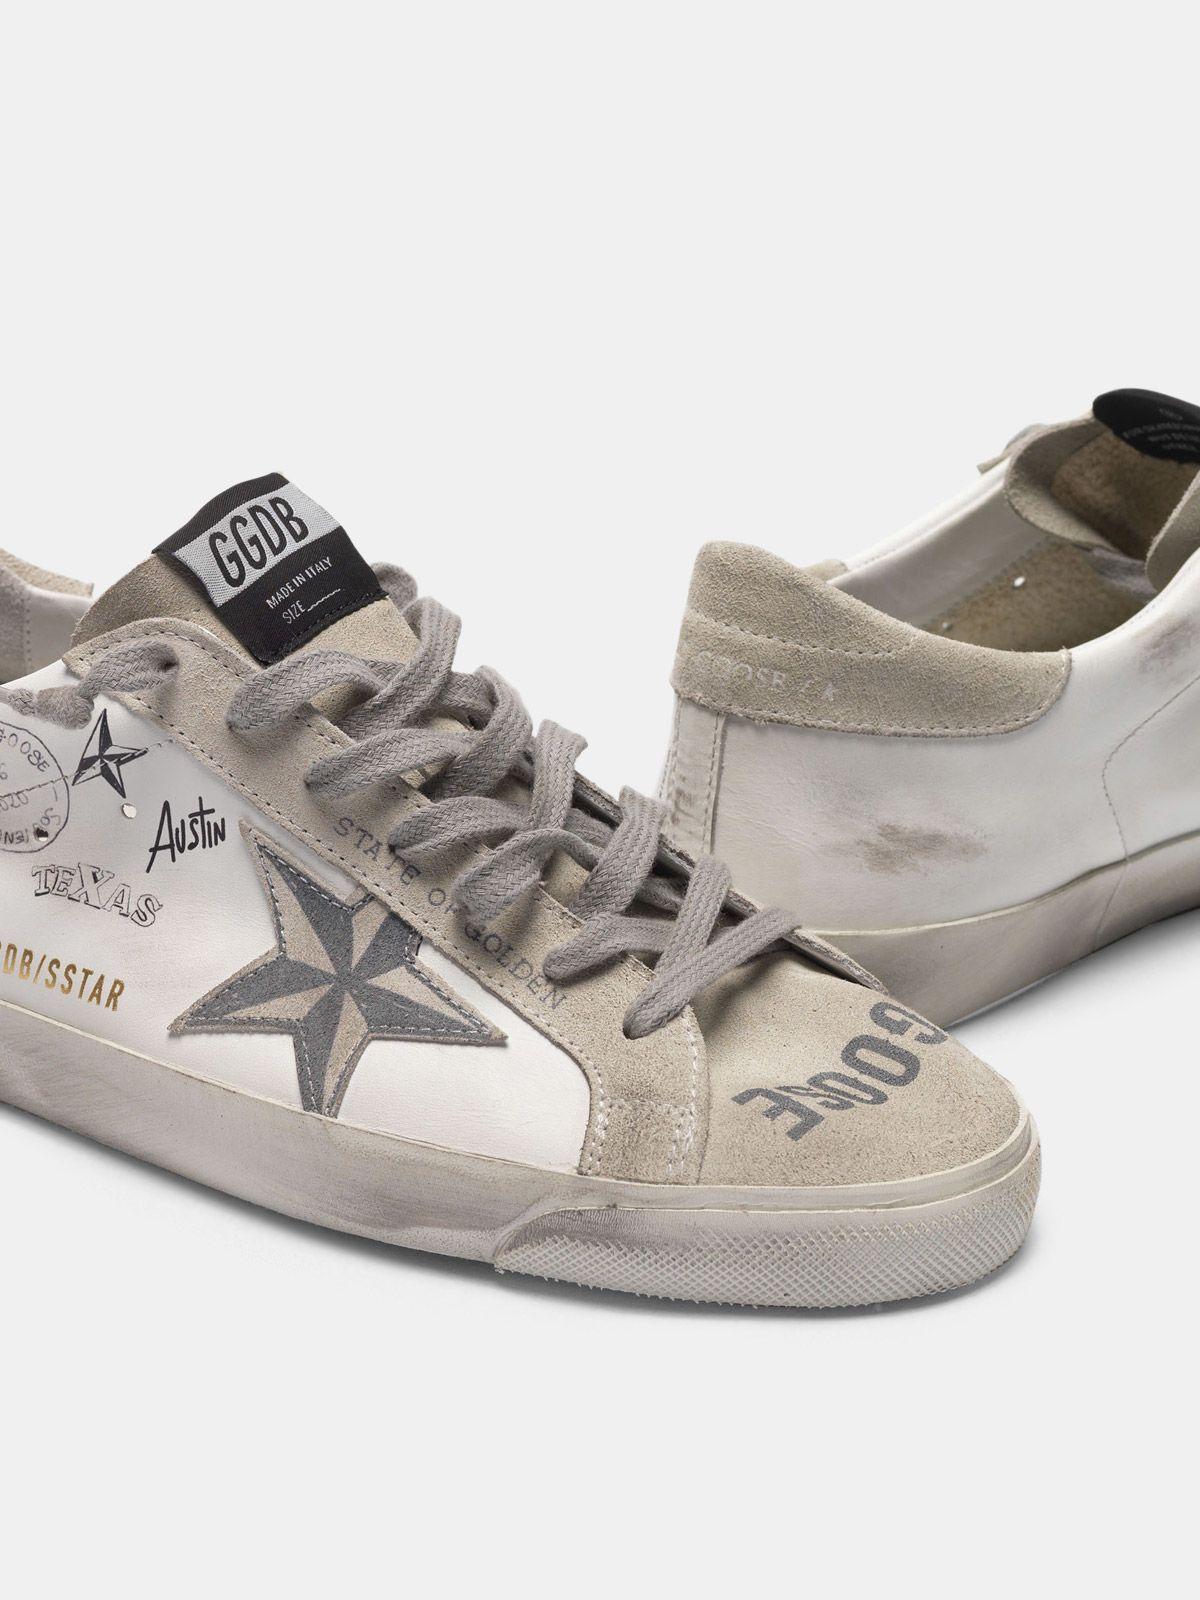 Golden Goose - Sneakers Super-Star con graffiti Texas in